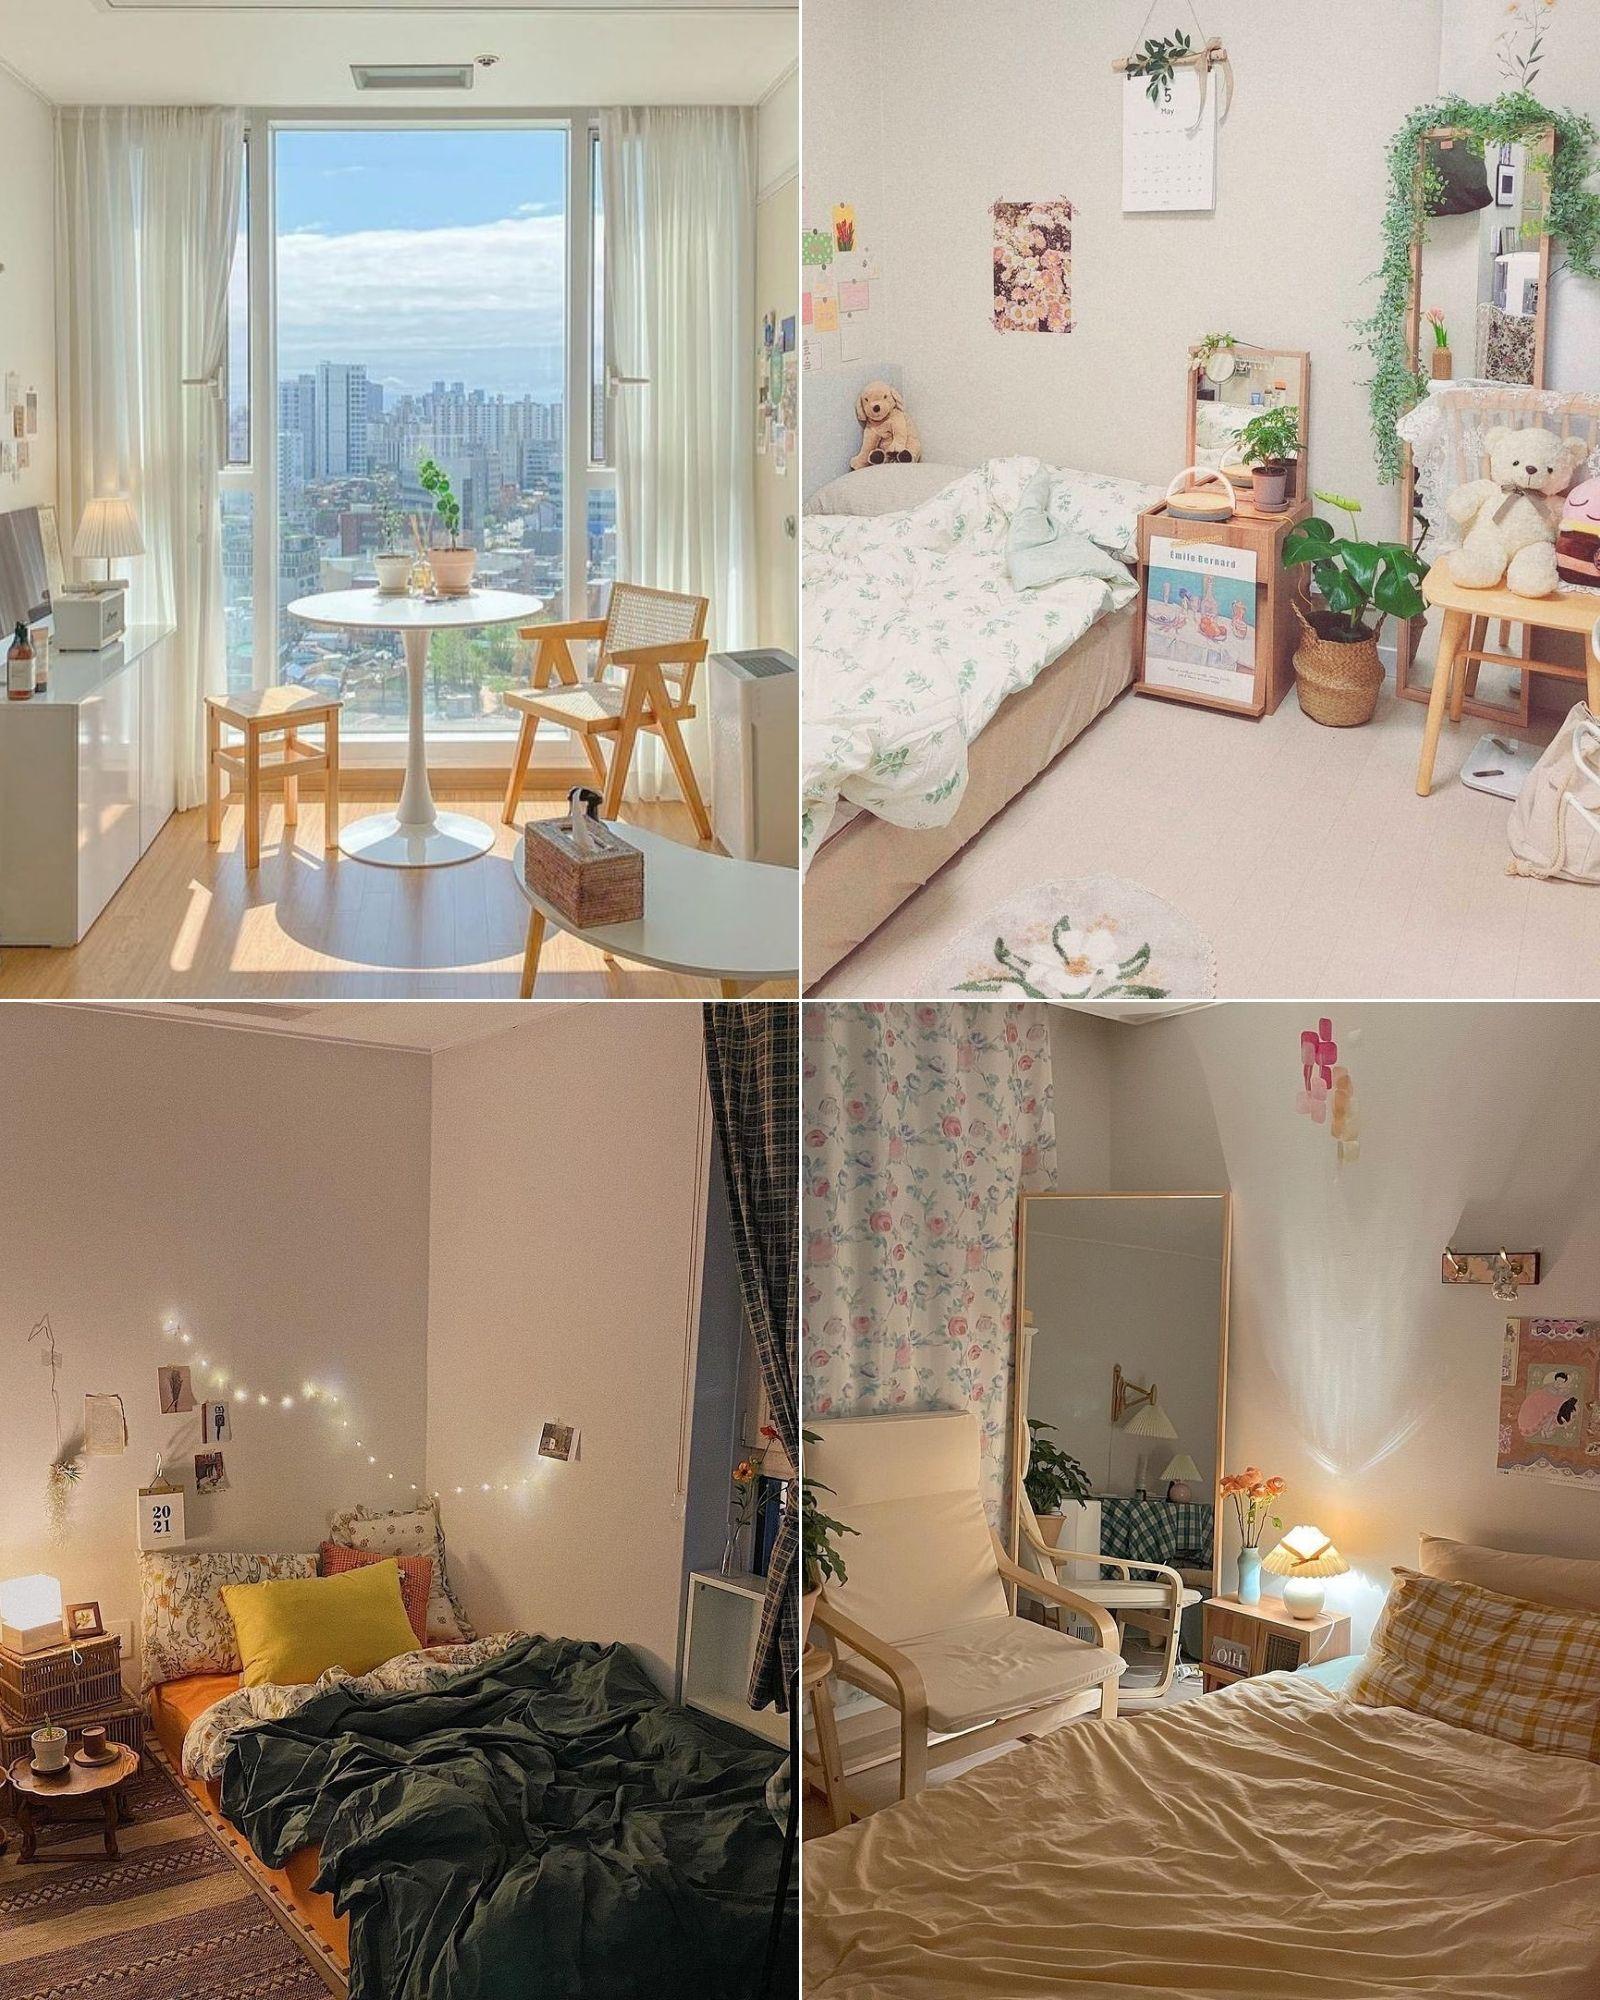 Tài khoản Instagram @oneroom.make truyền cảm hứng trang trí phòng